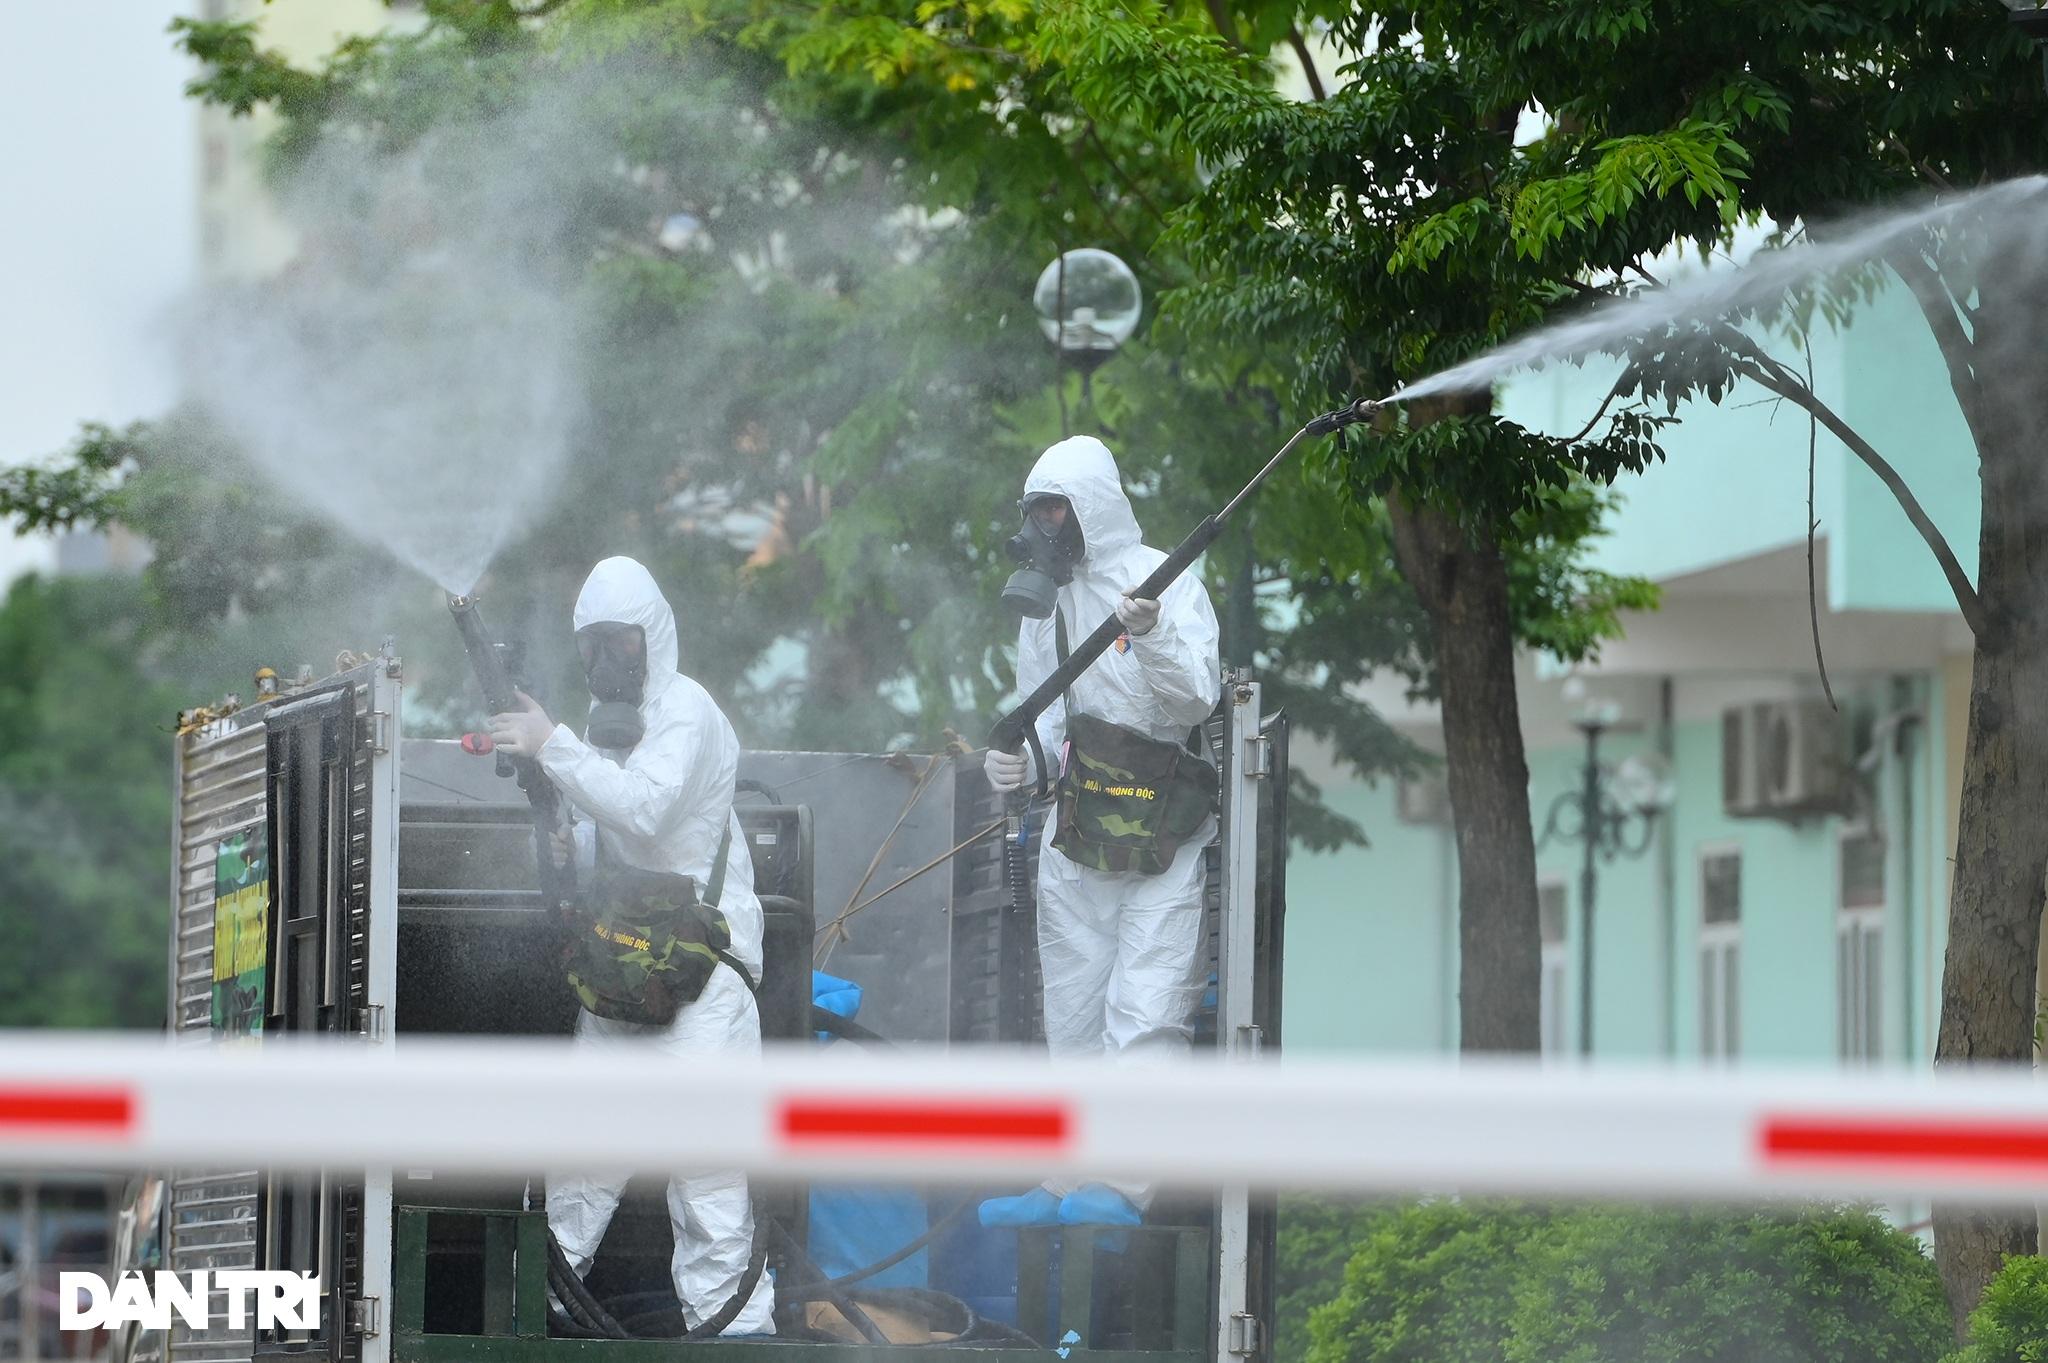 Khẩn cấp phun khử khuẩn, tiêu độc toàn bộ Bệnh viện K cơ sở Tân Triều - 7